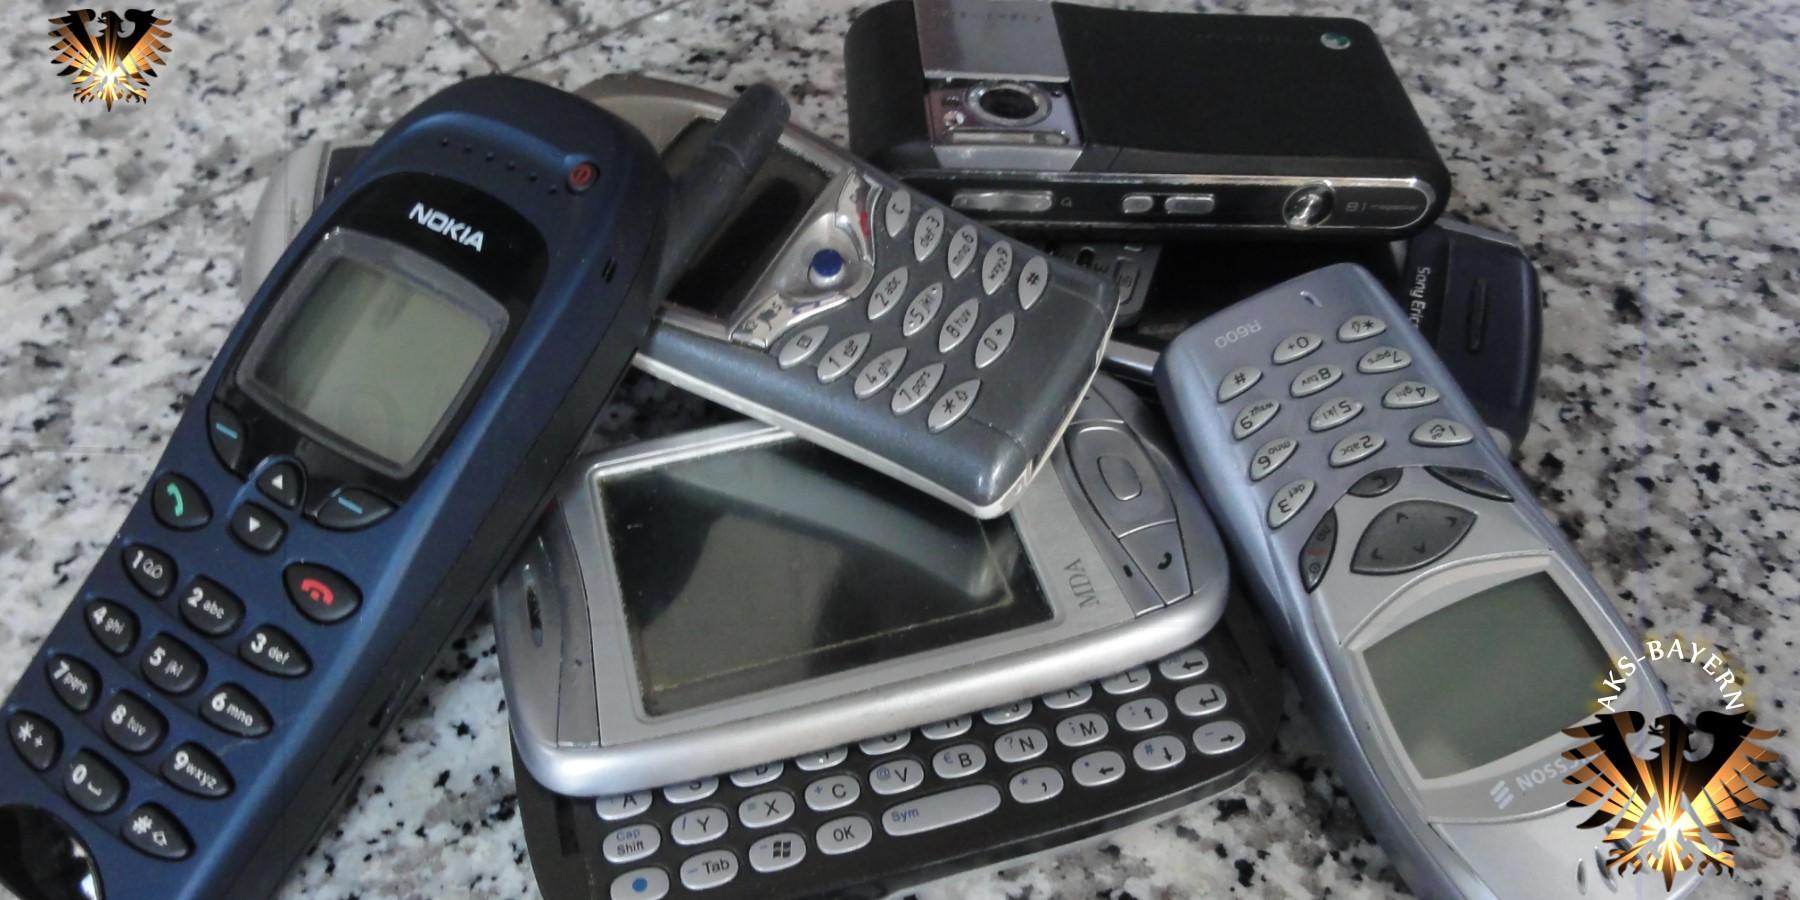 Aukauf informiert: gebrauchte Handys als Rohstofflieferant © goldankaufstelle-bayern.de